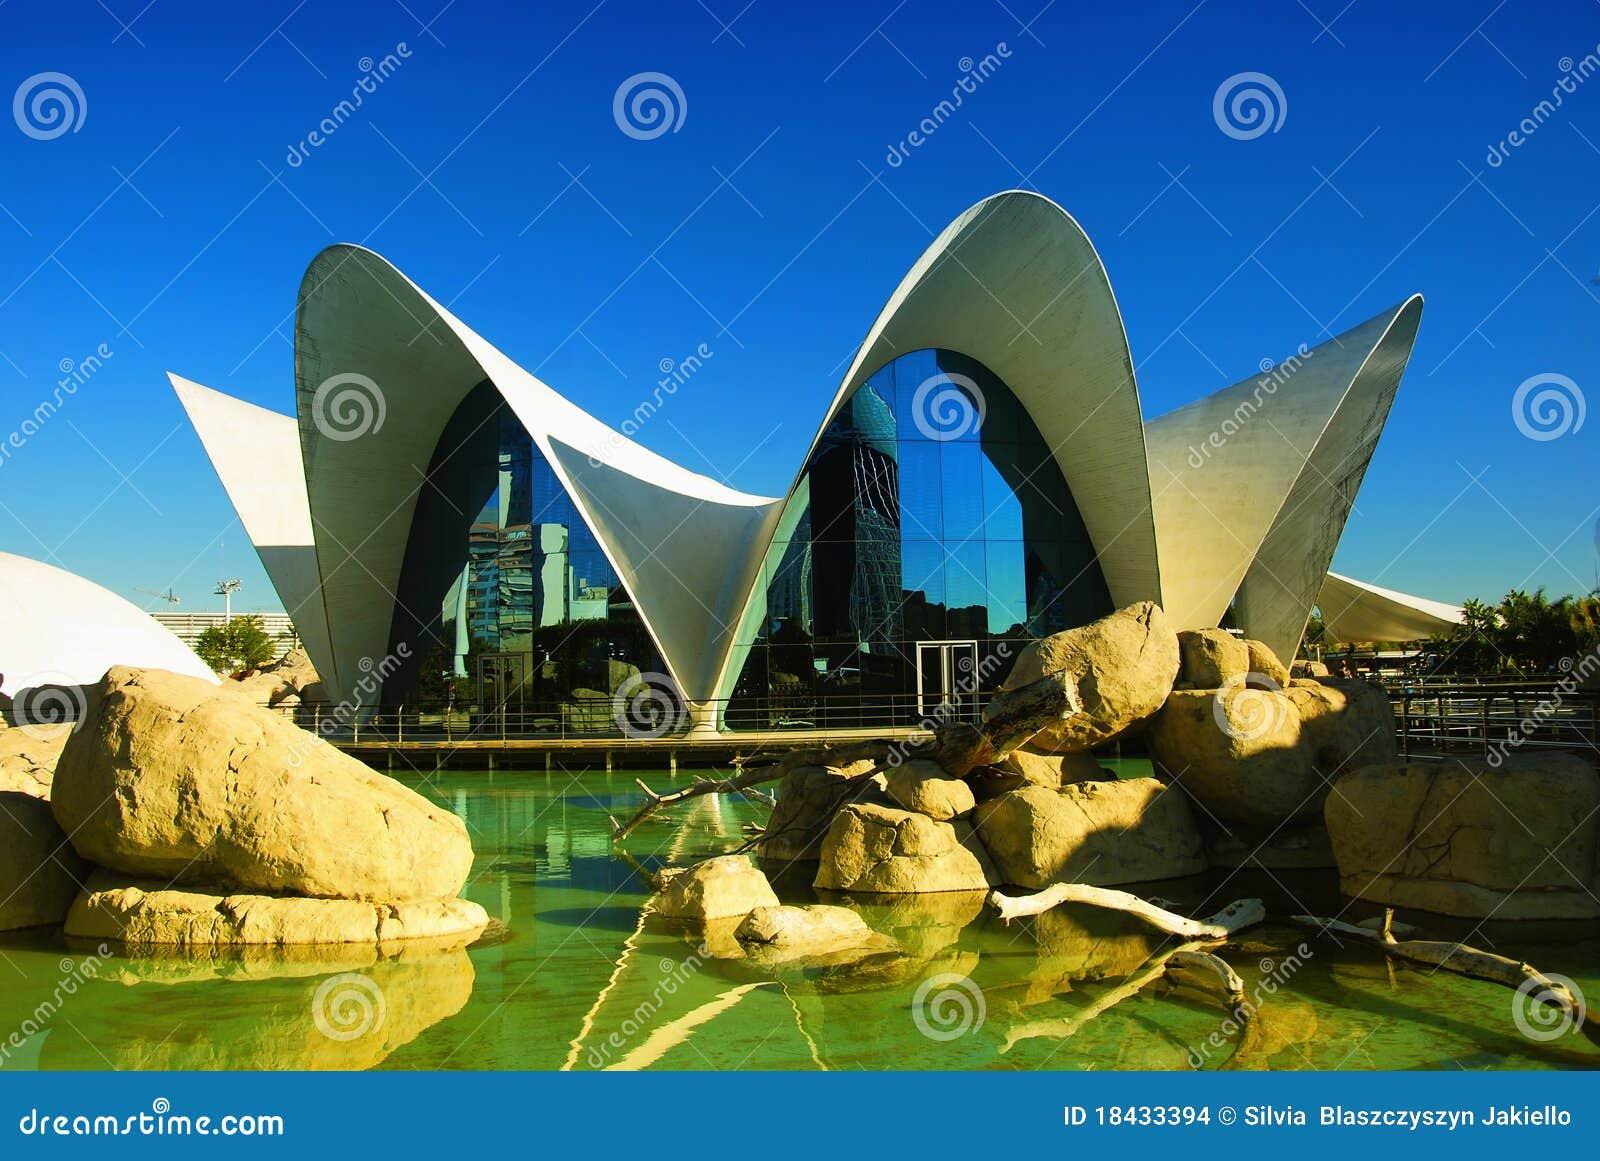 Oceanografic aquarium valencia editorial stock image for Aquarium valencia precio